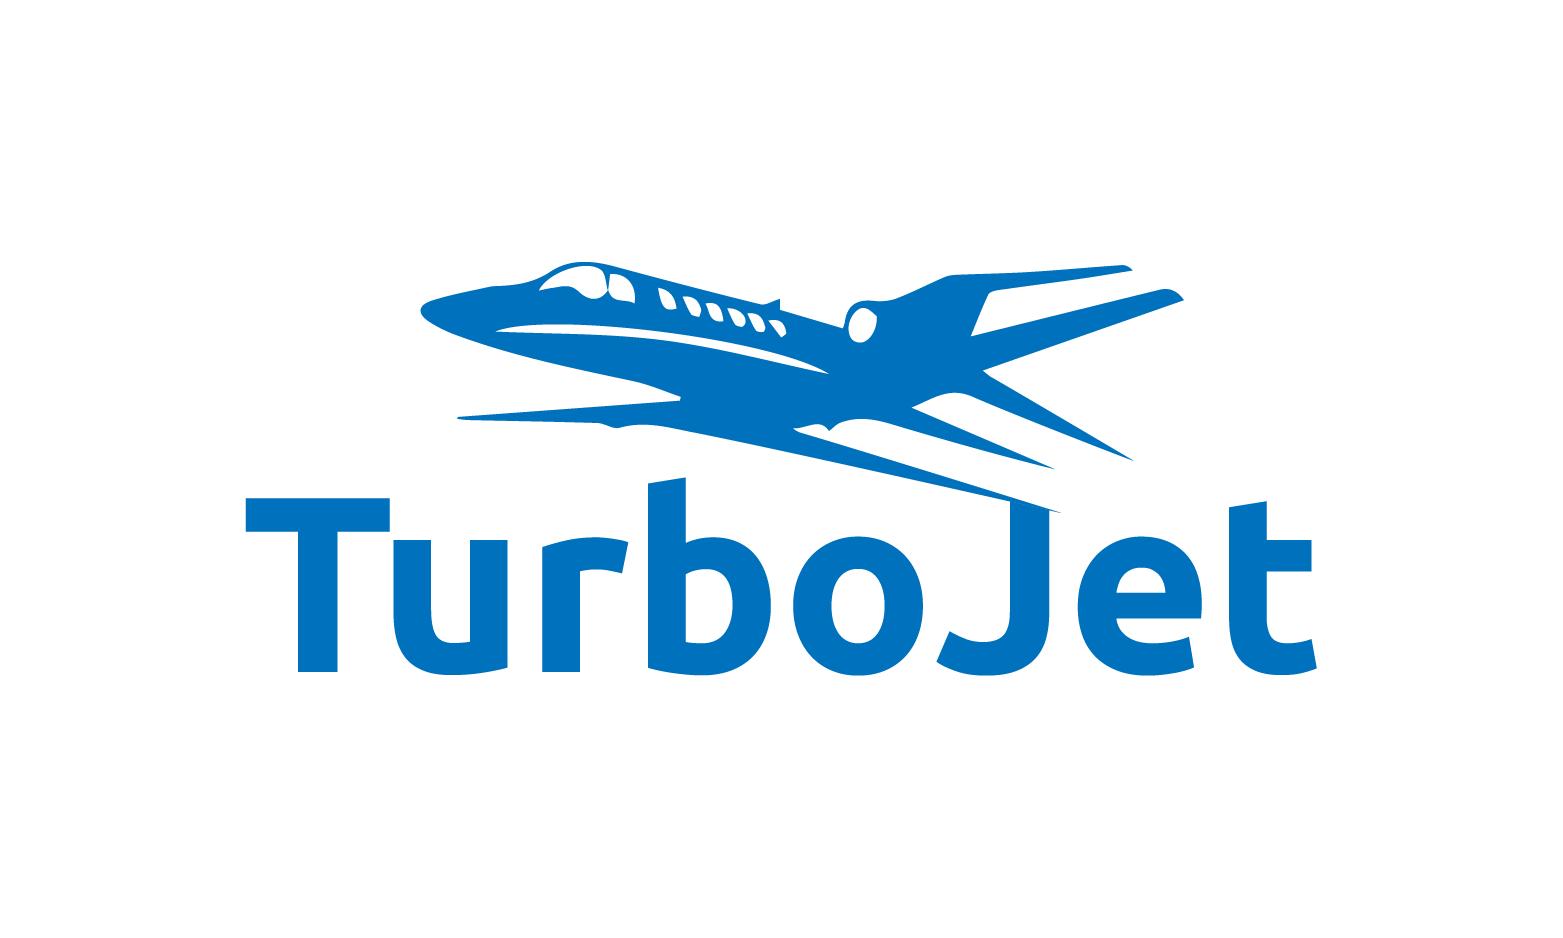 TurboJet.com